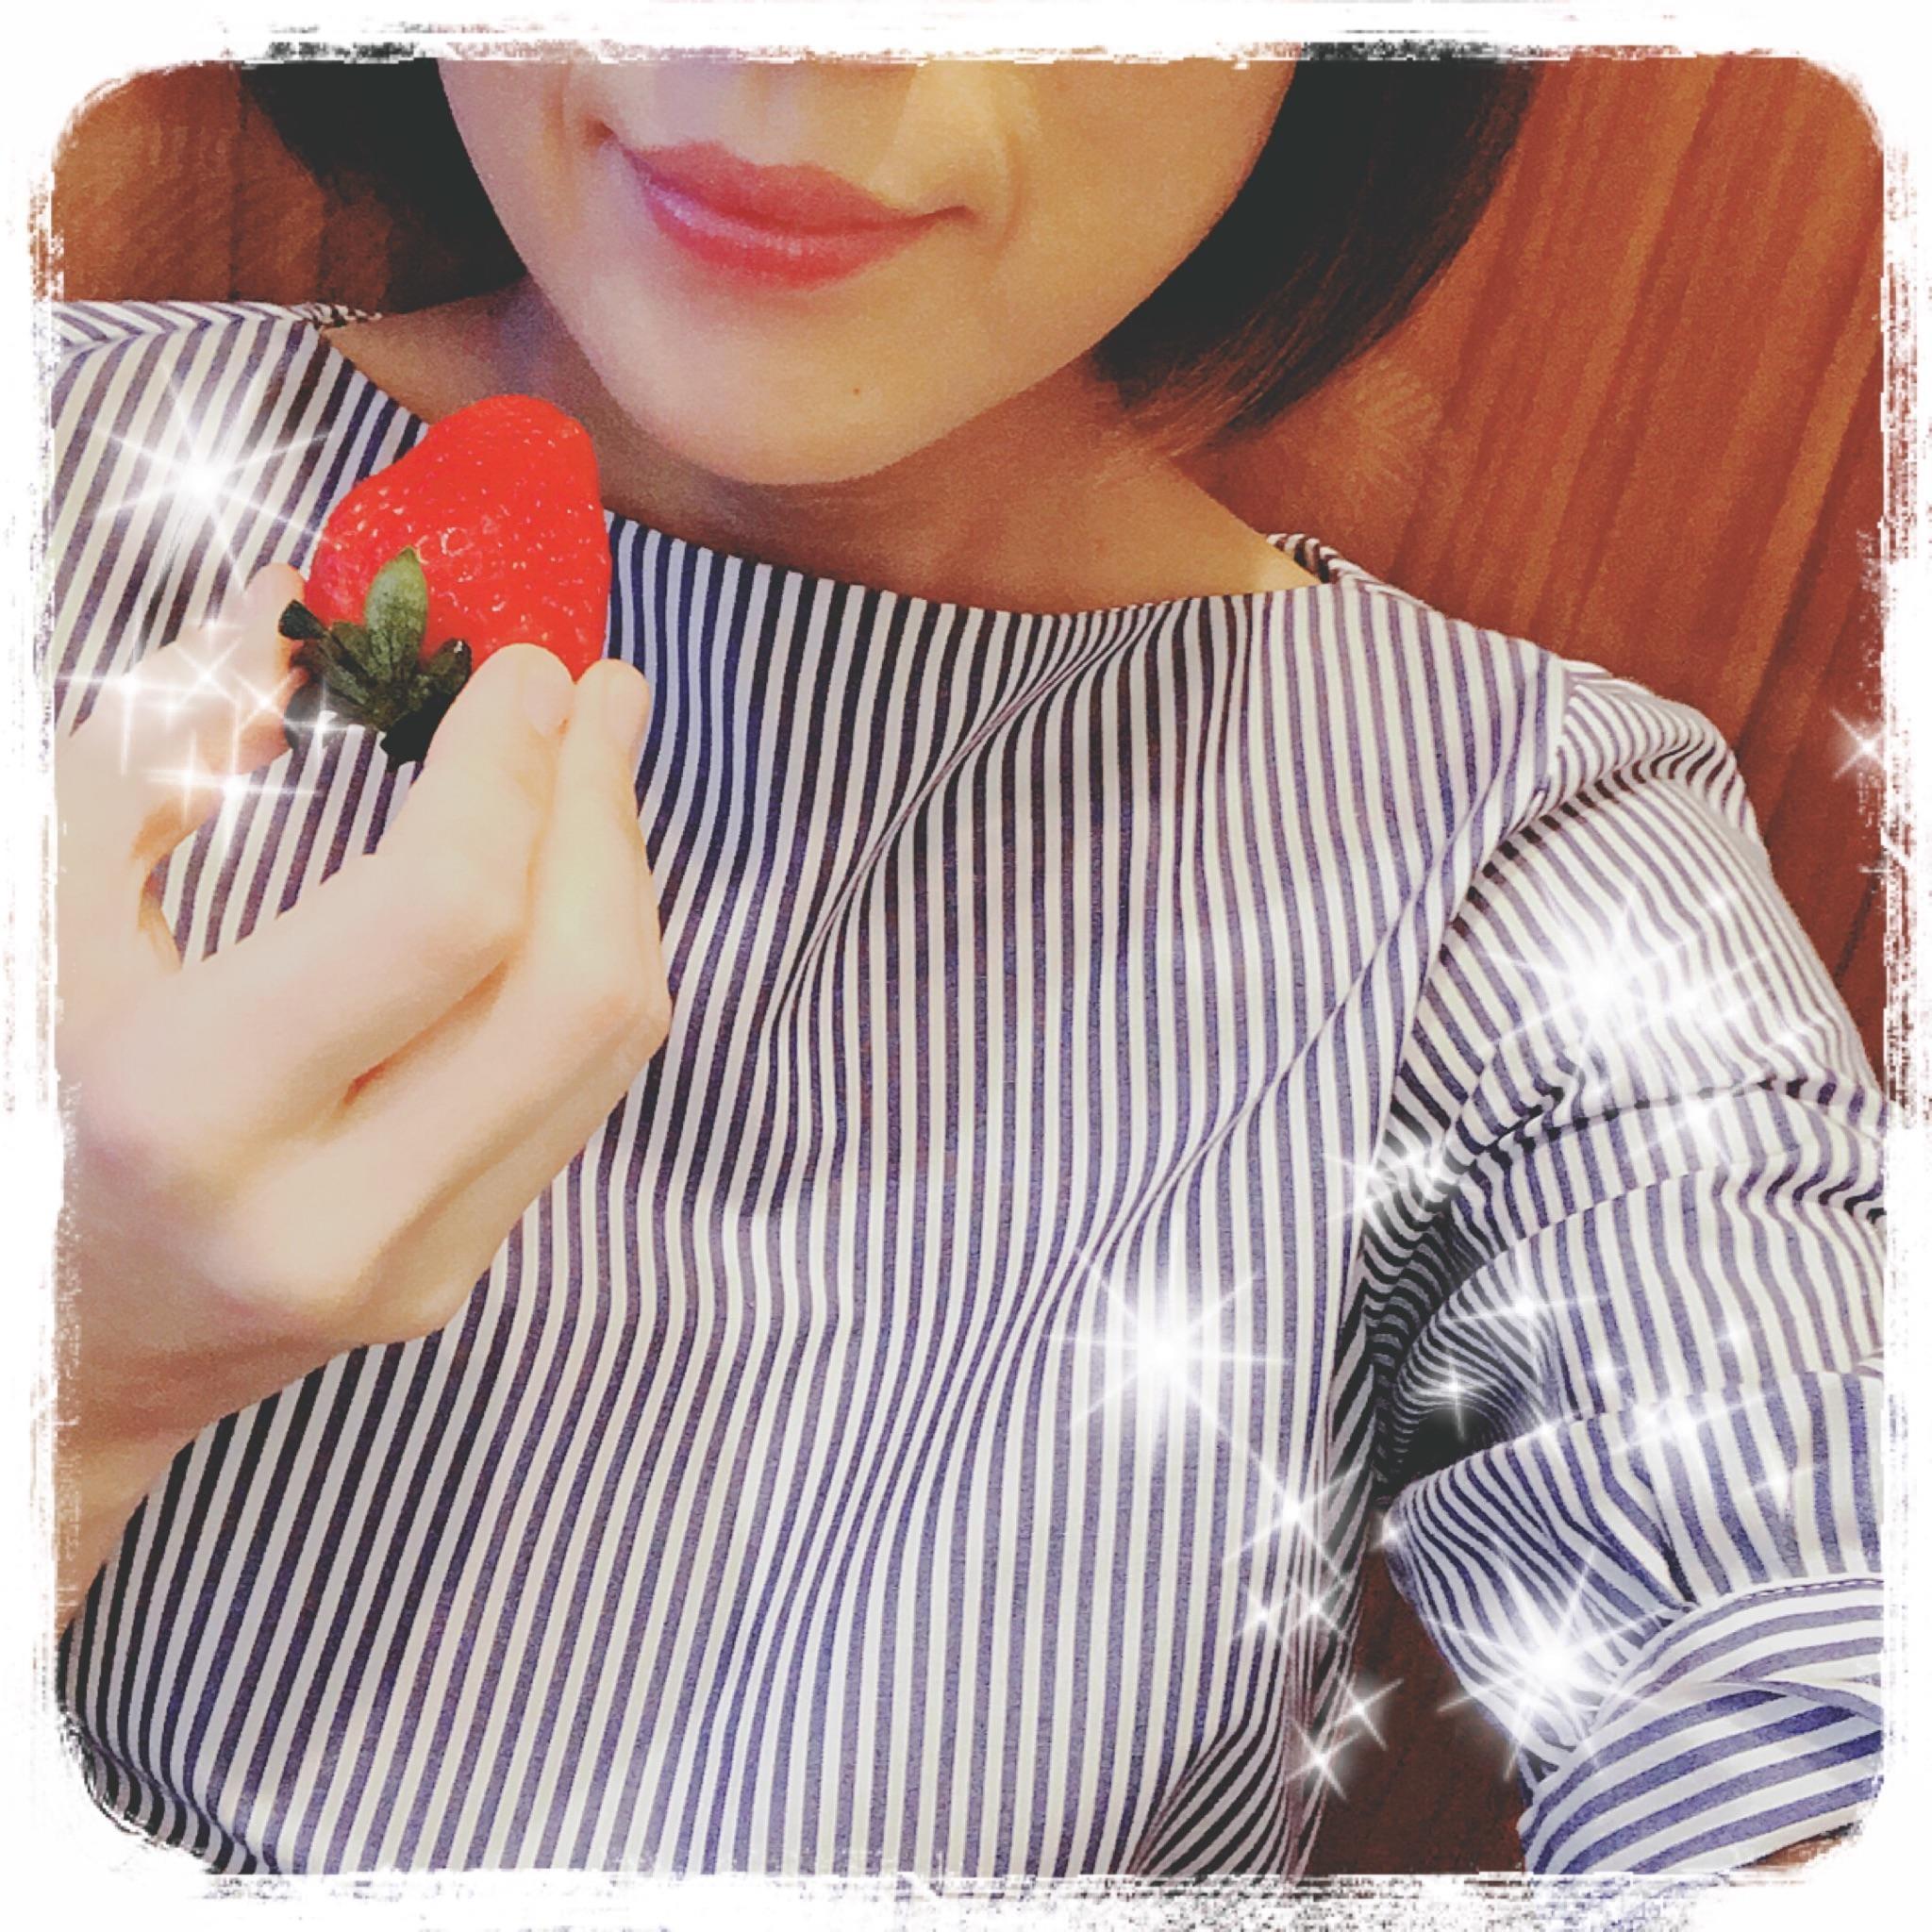 「Kさまへ 5月23日のお礼です❤️」05/24(木) 04:21   まつりの写メ・風俗動画